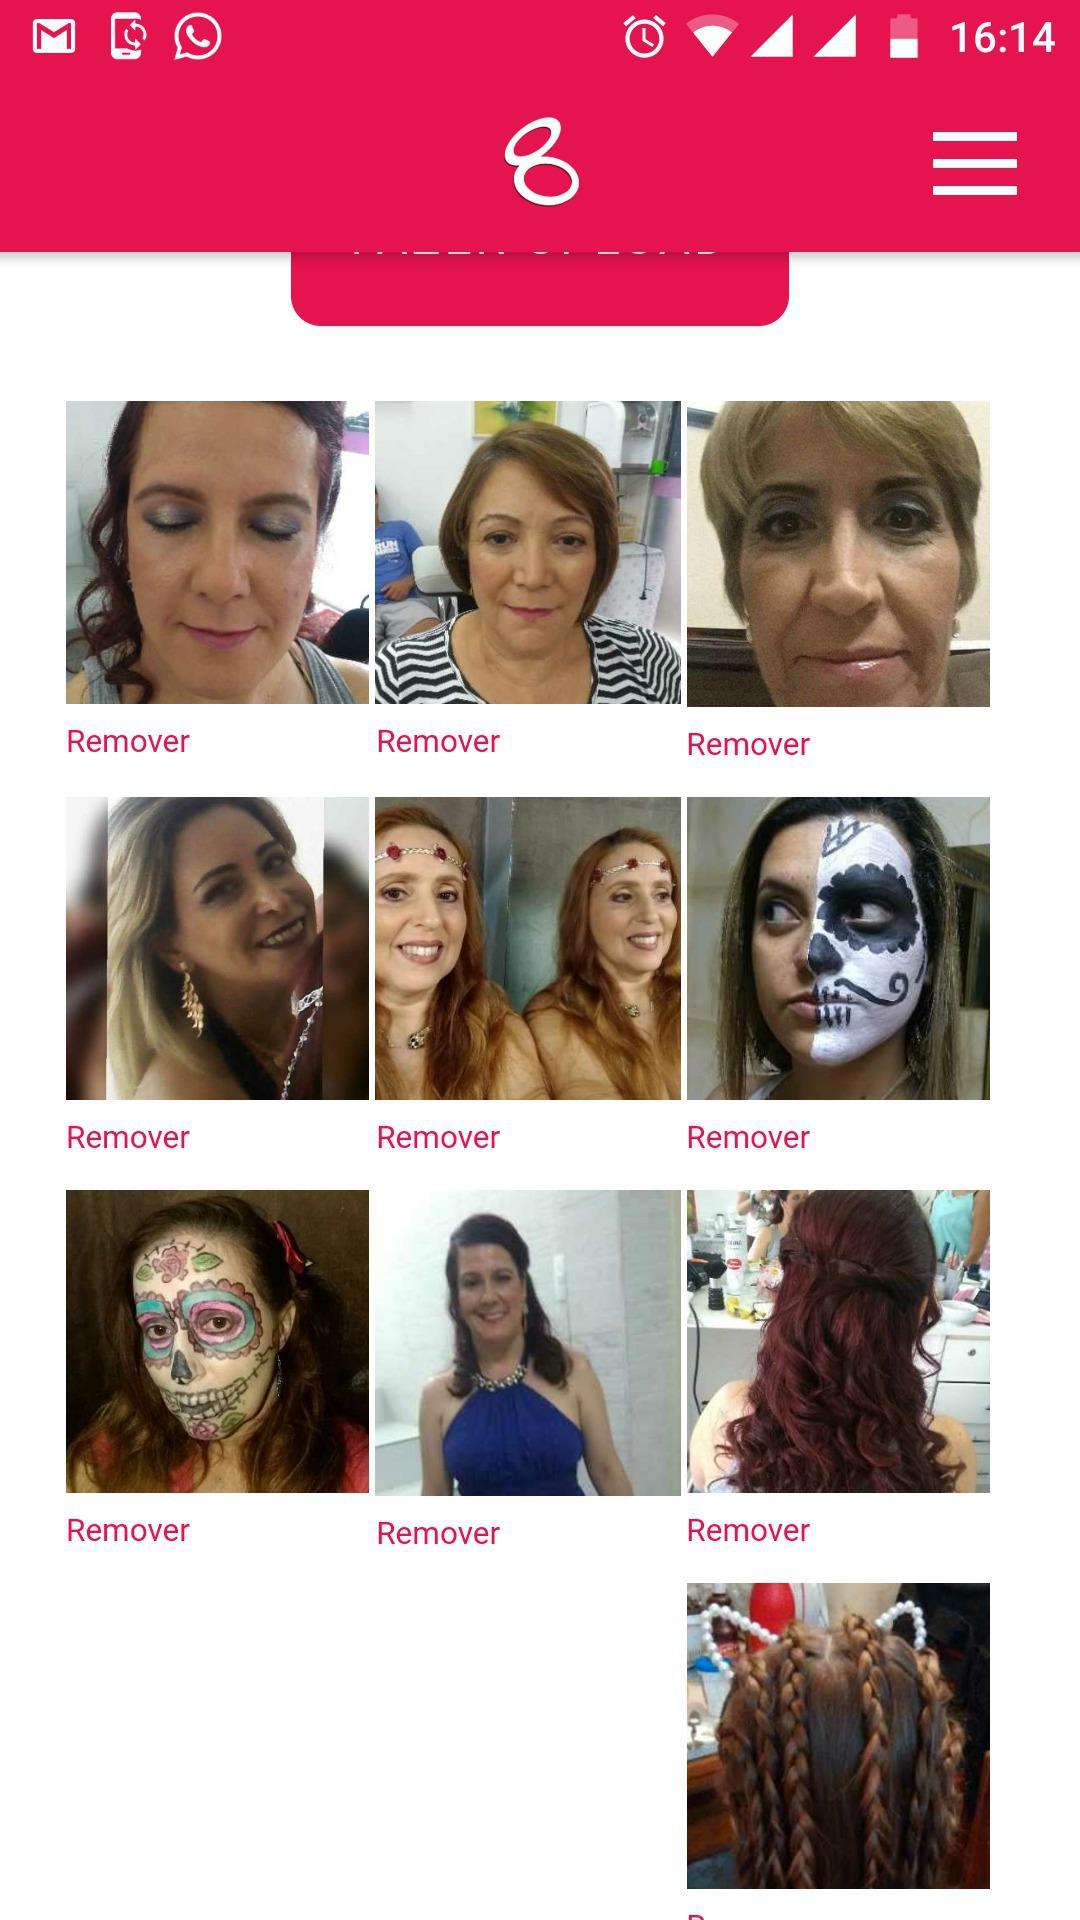 maquiagem manicure e pedicure maquiador(a) estudante (massoterapeuta)